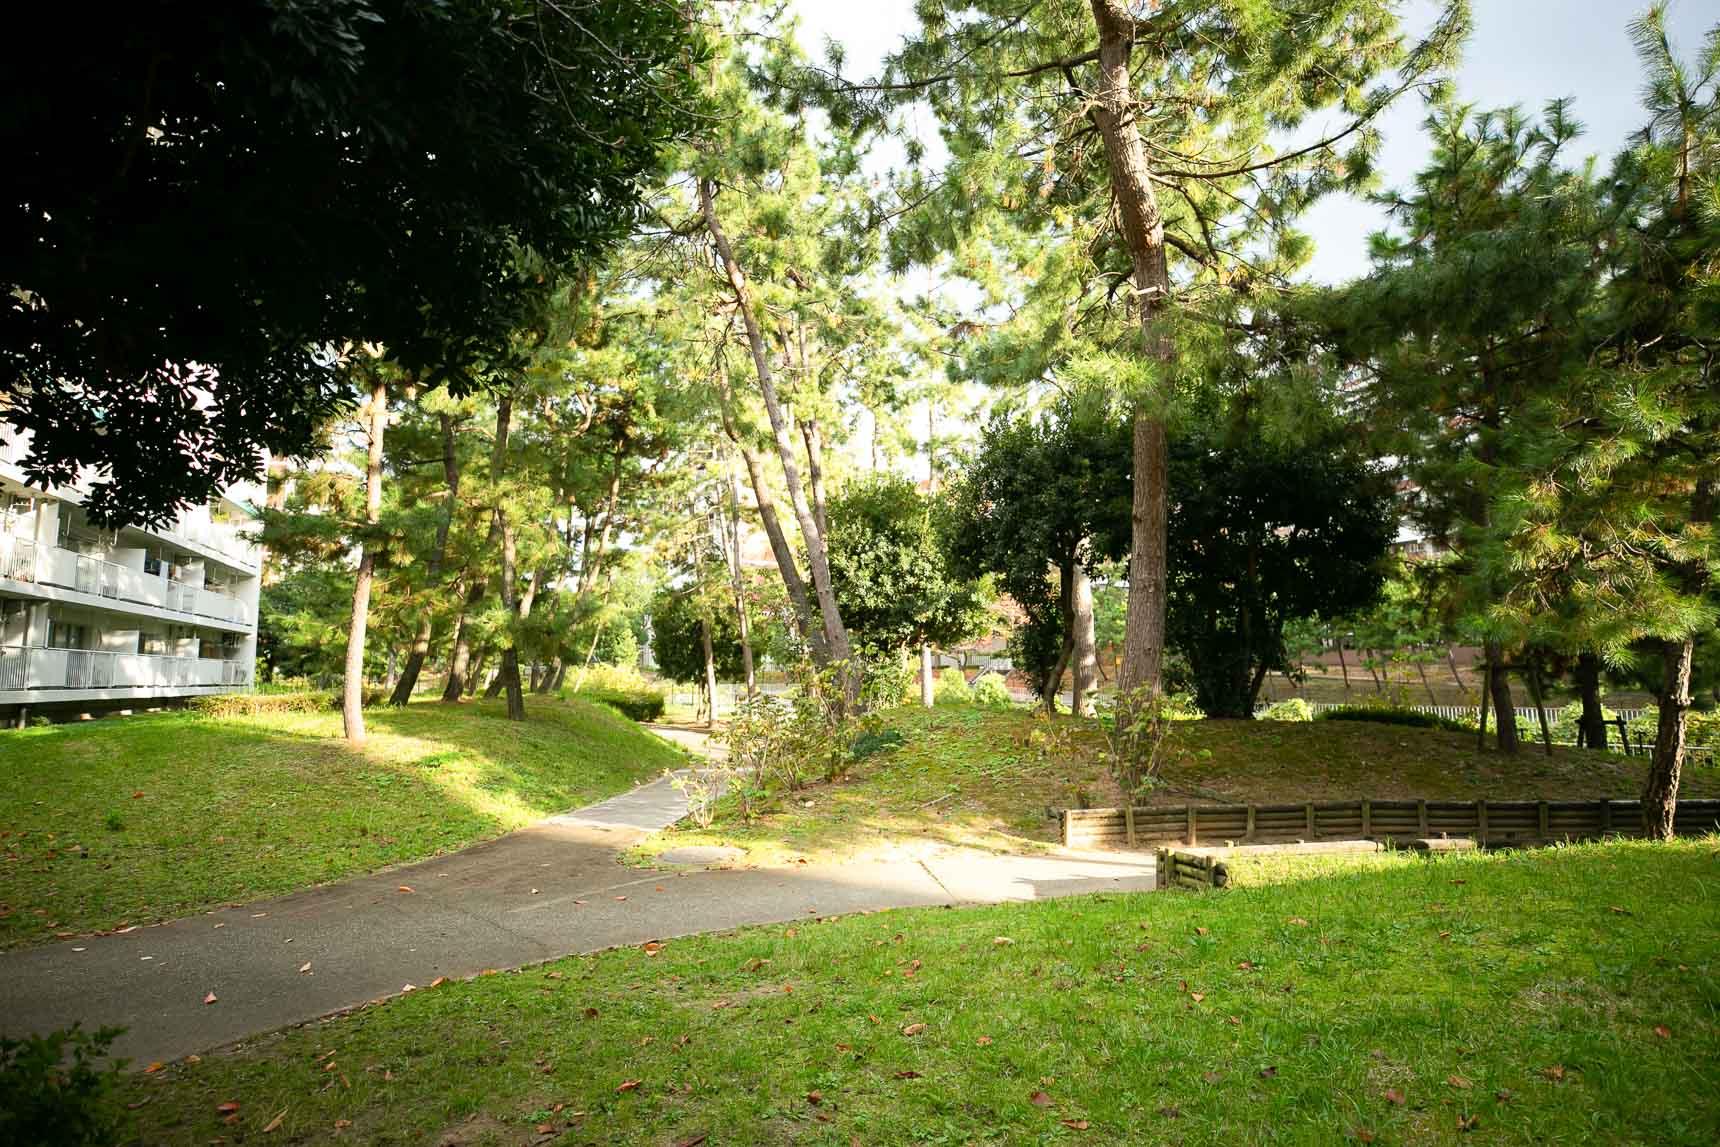 団地内の木々も大きく育っていて、そこかしこに学校帰りの子どもたちの遊ぶ声が響く広場があります。